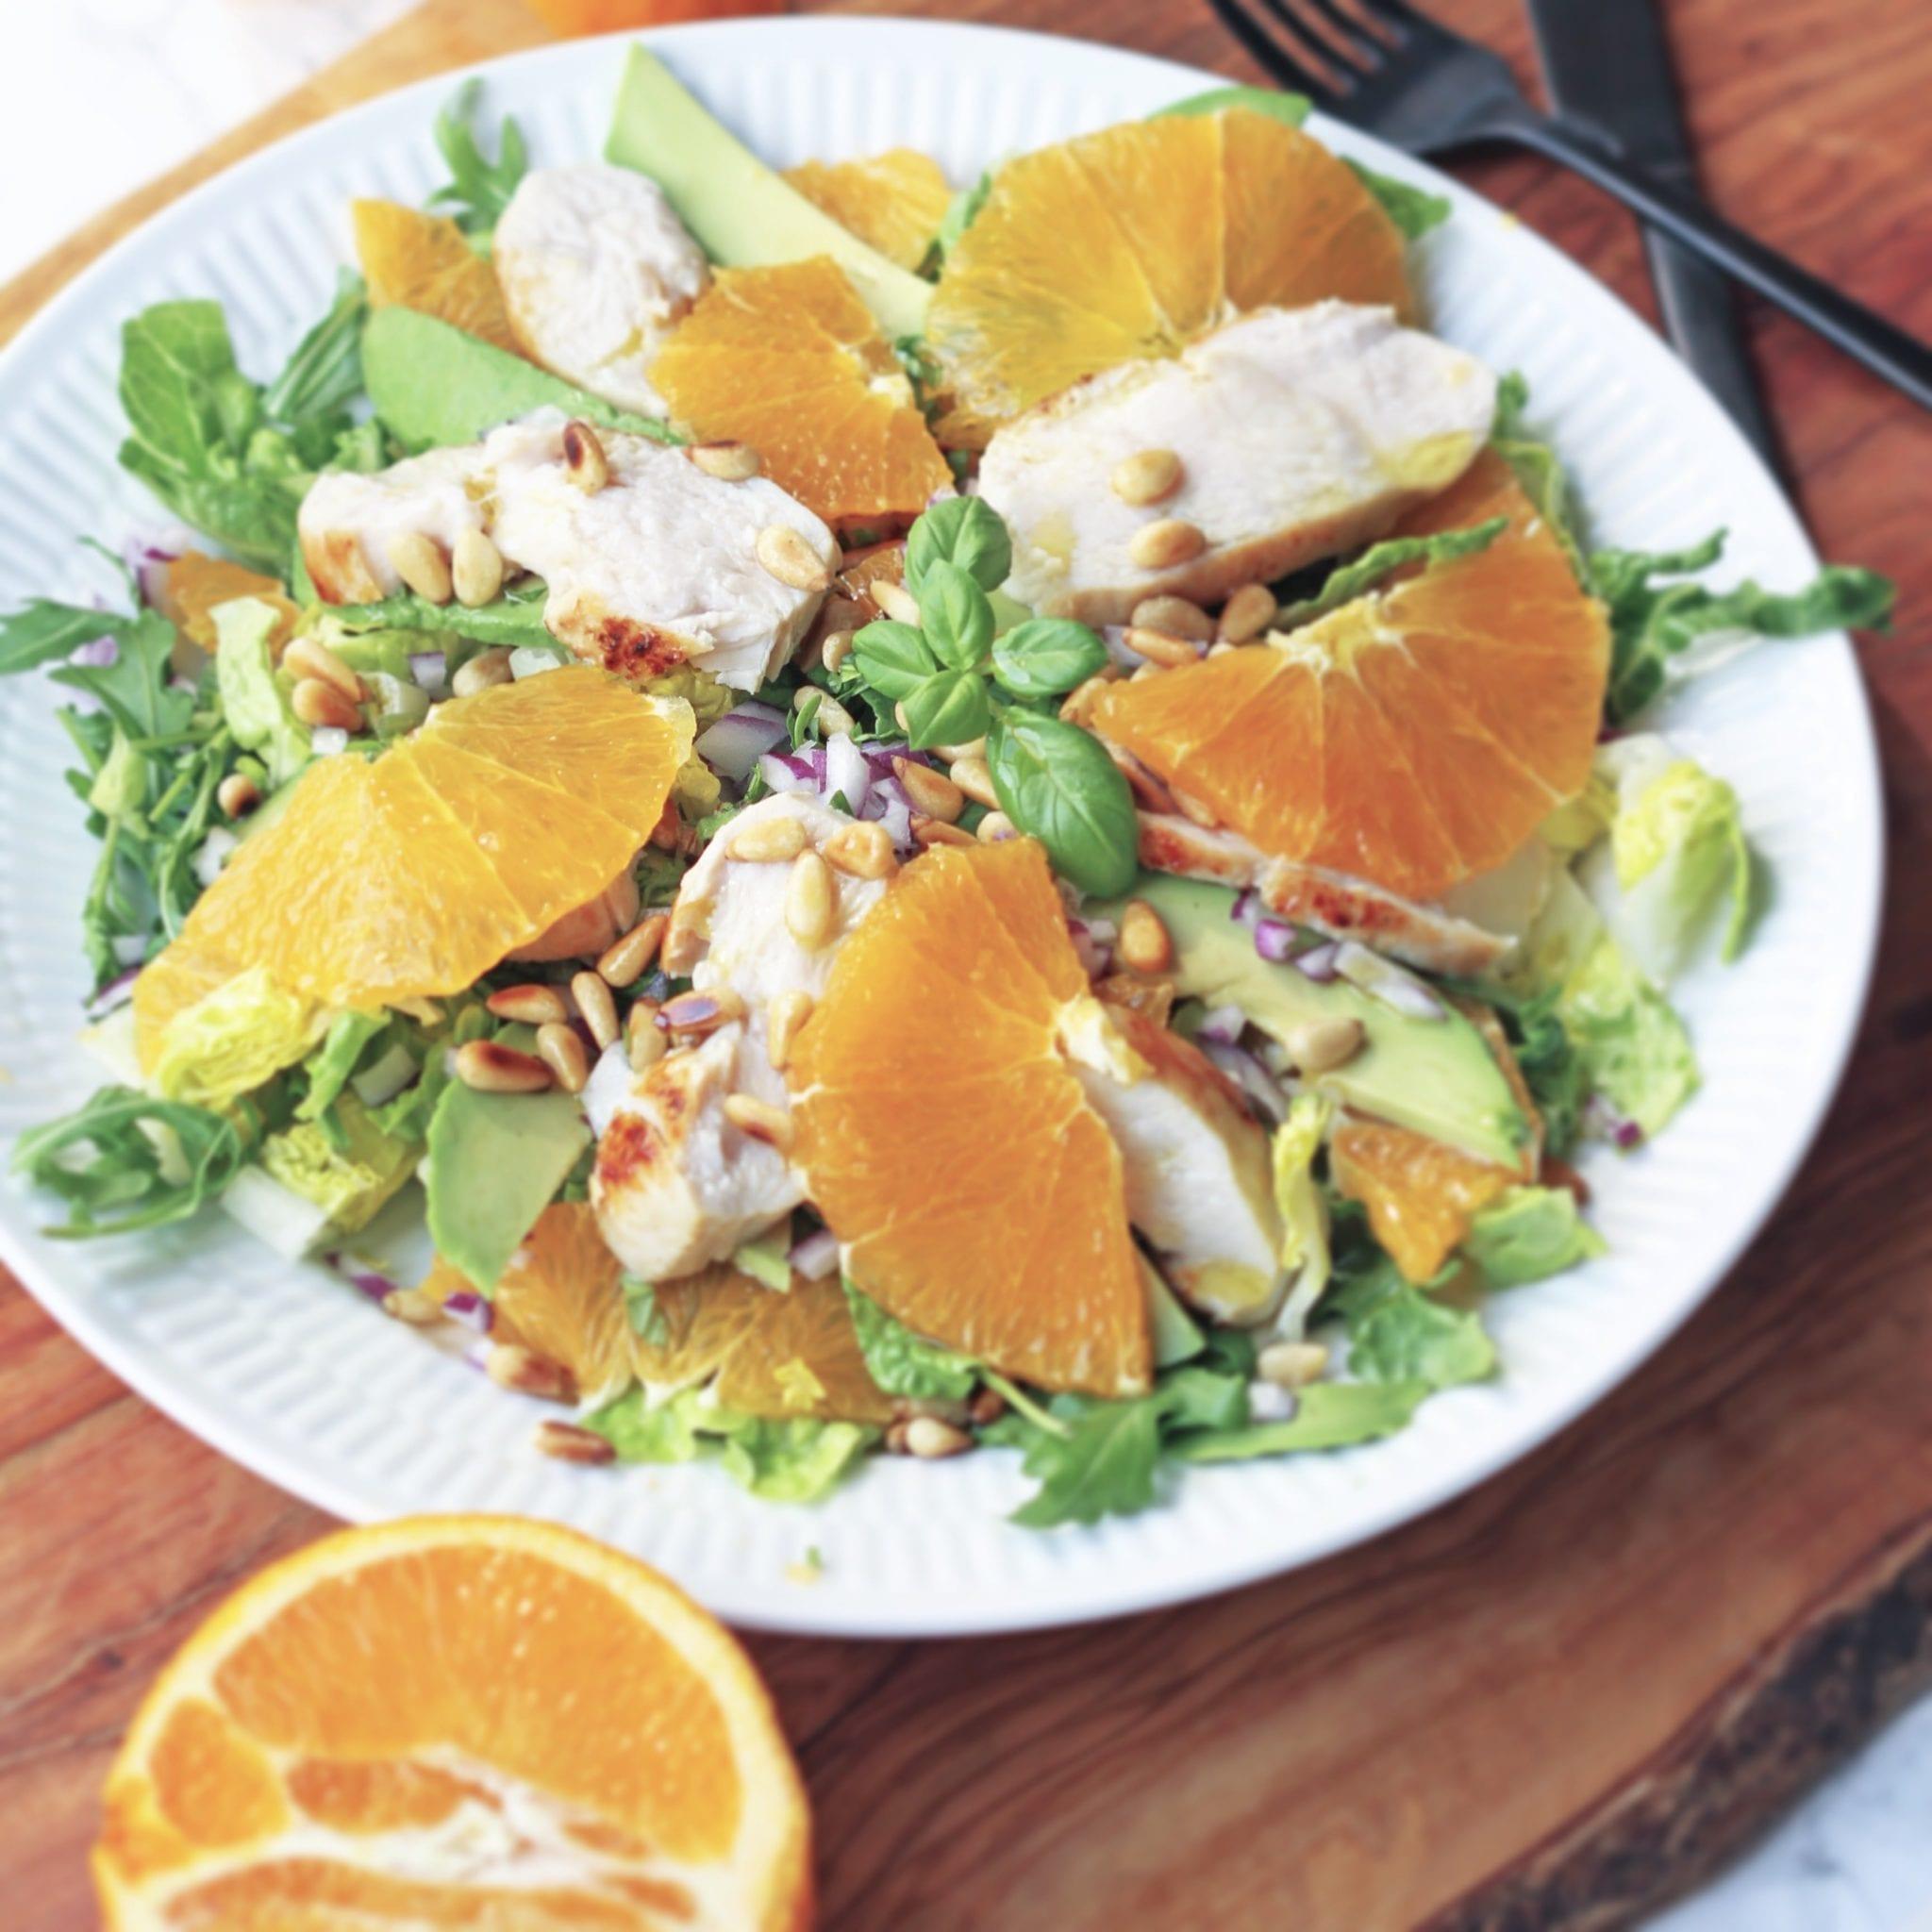 Sommer salat med appelsin, avokado og kylling